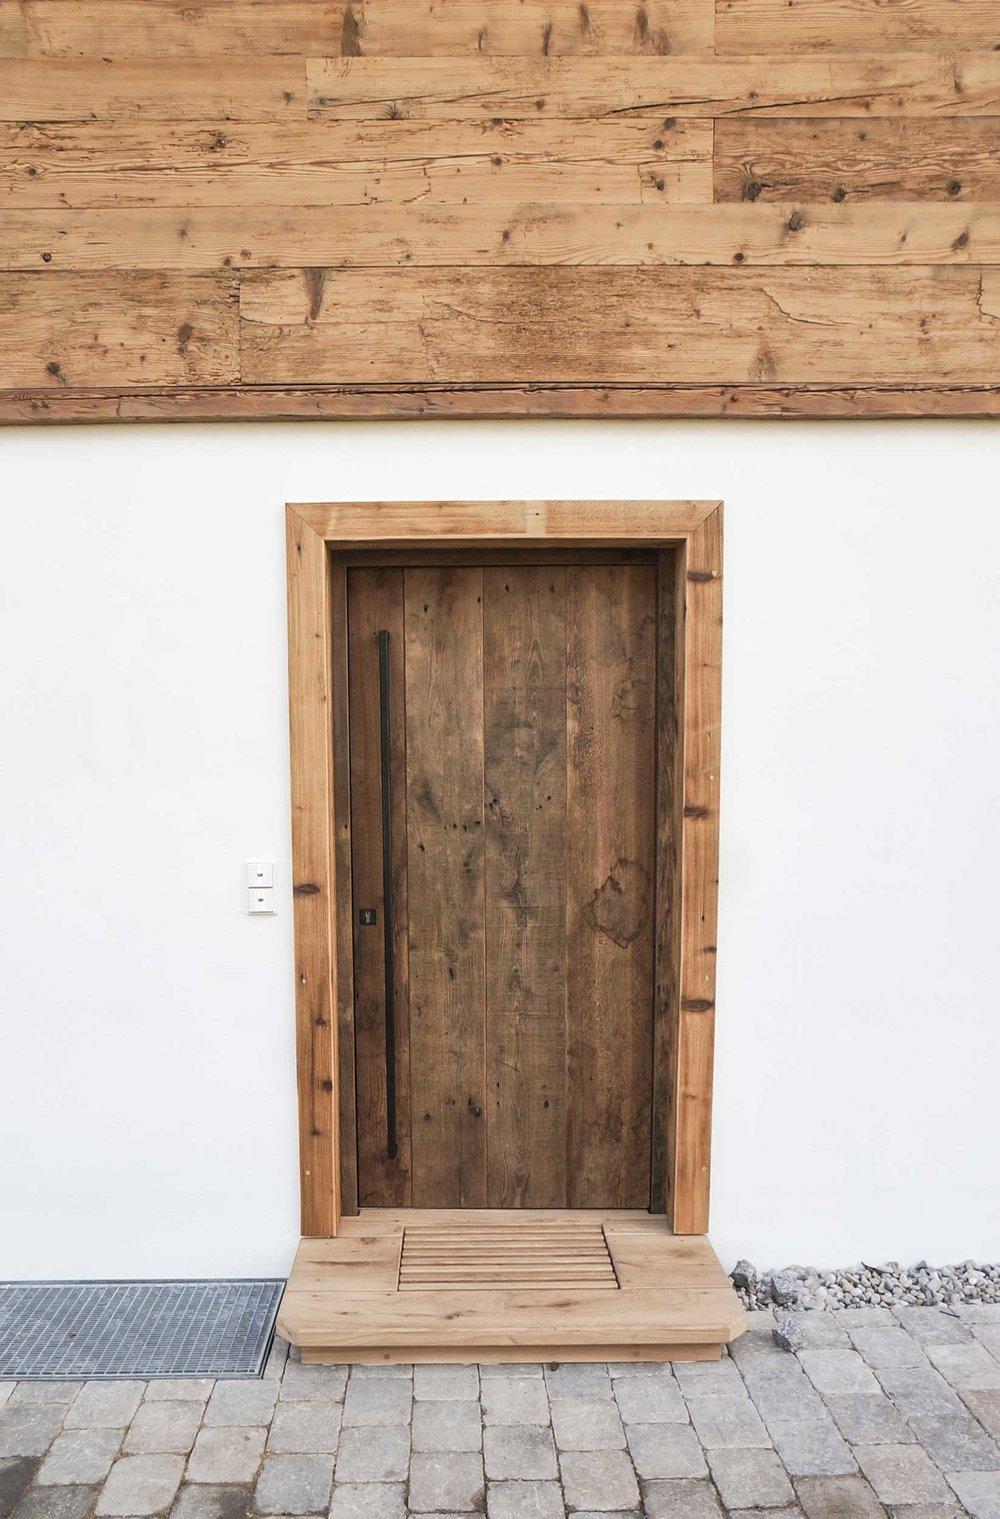 zimmerei-stoib-holzbau-holzhaus-altholz-fassade-blockschalung-balkon-tür-eiche-außenschalung-miesbach-garten-11.jpg